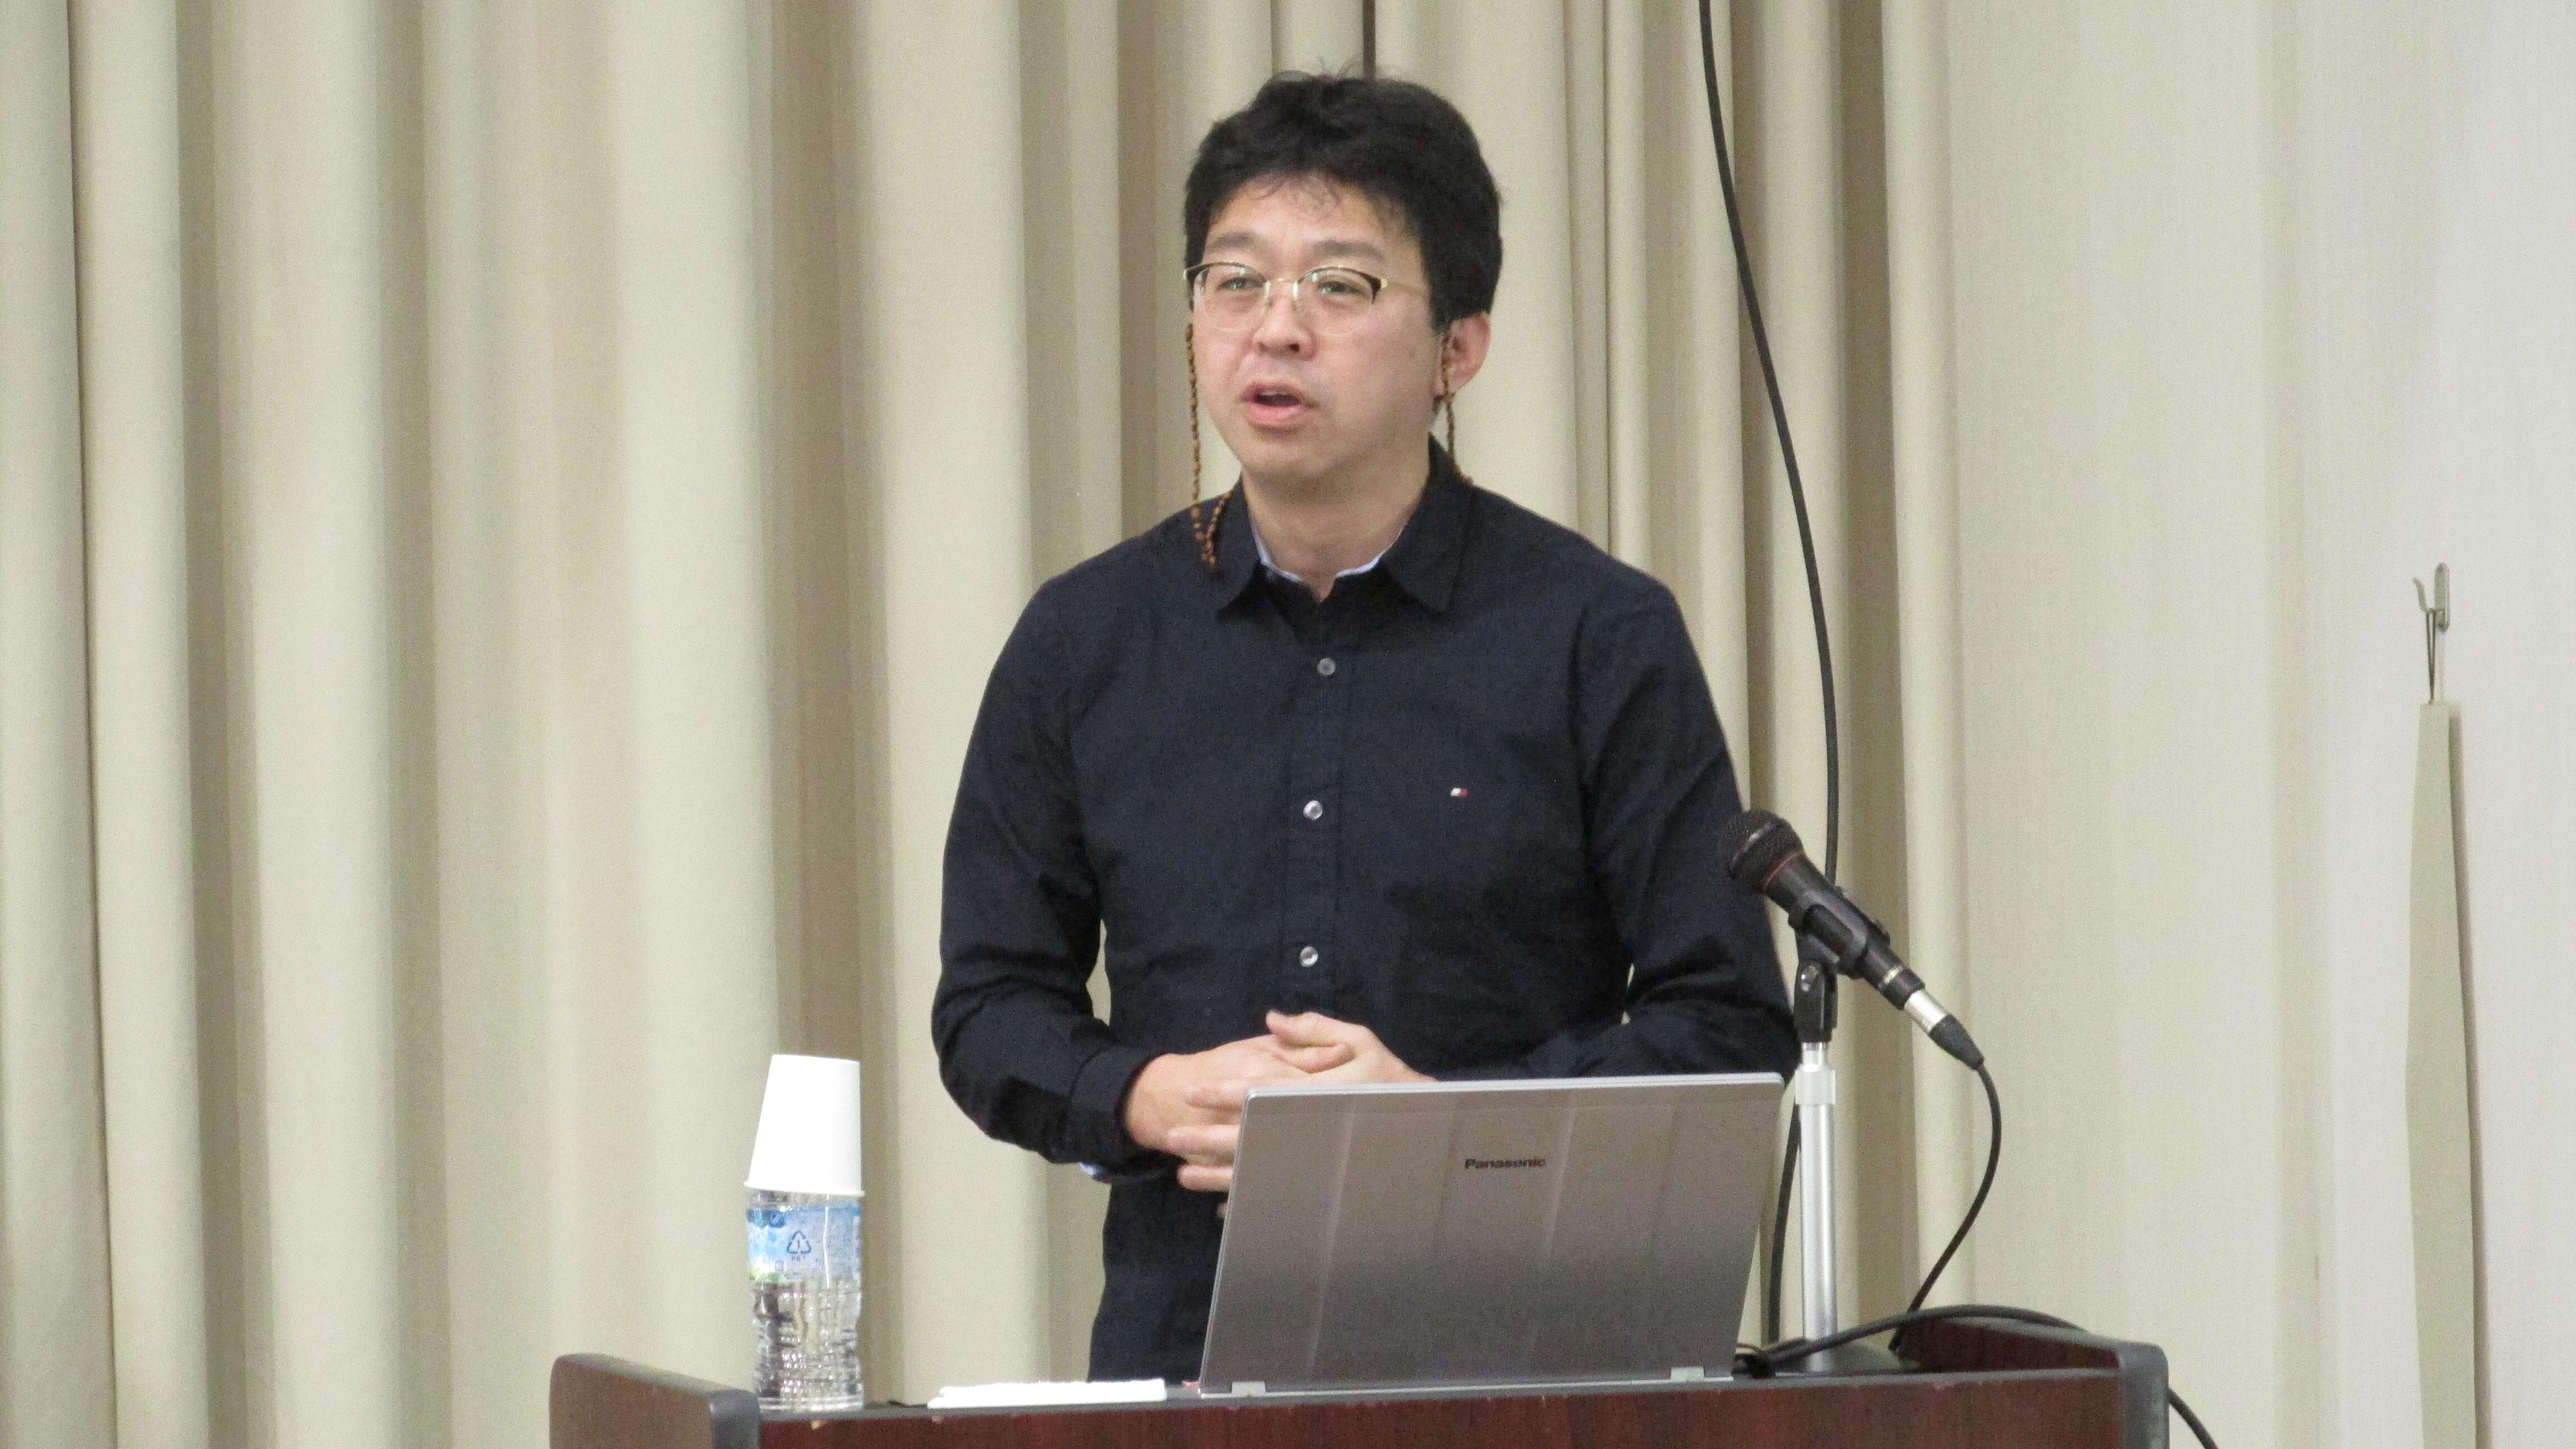 基調講演講師 米田 大吉 氏